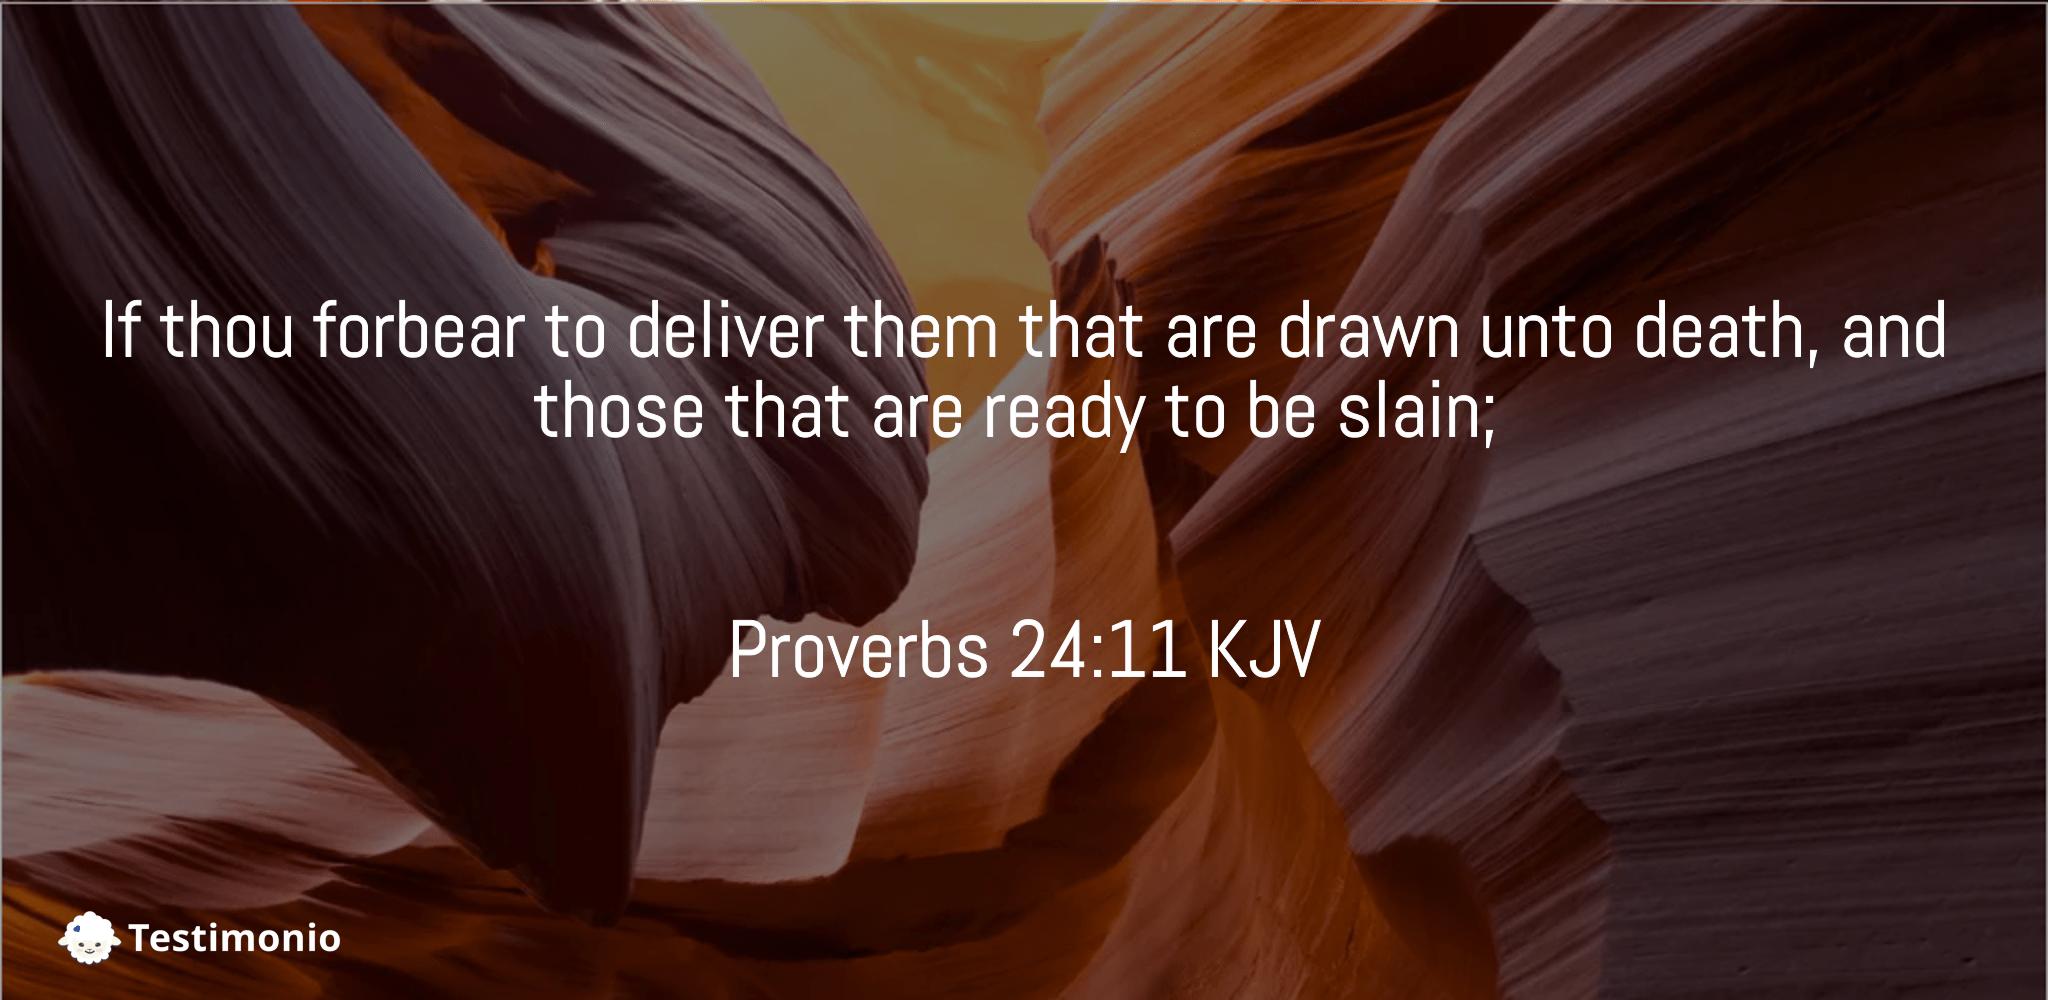 Proverbs 24:11